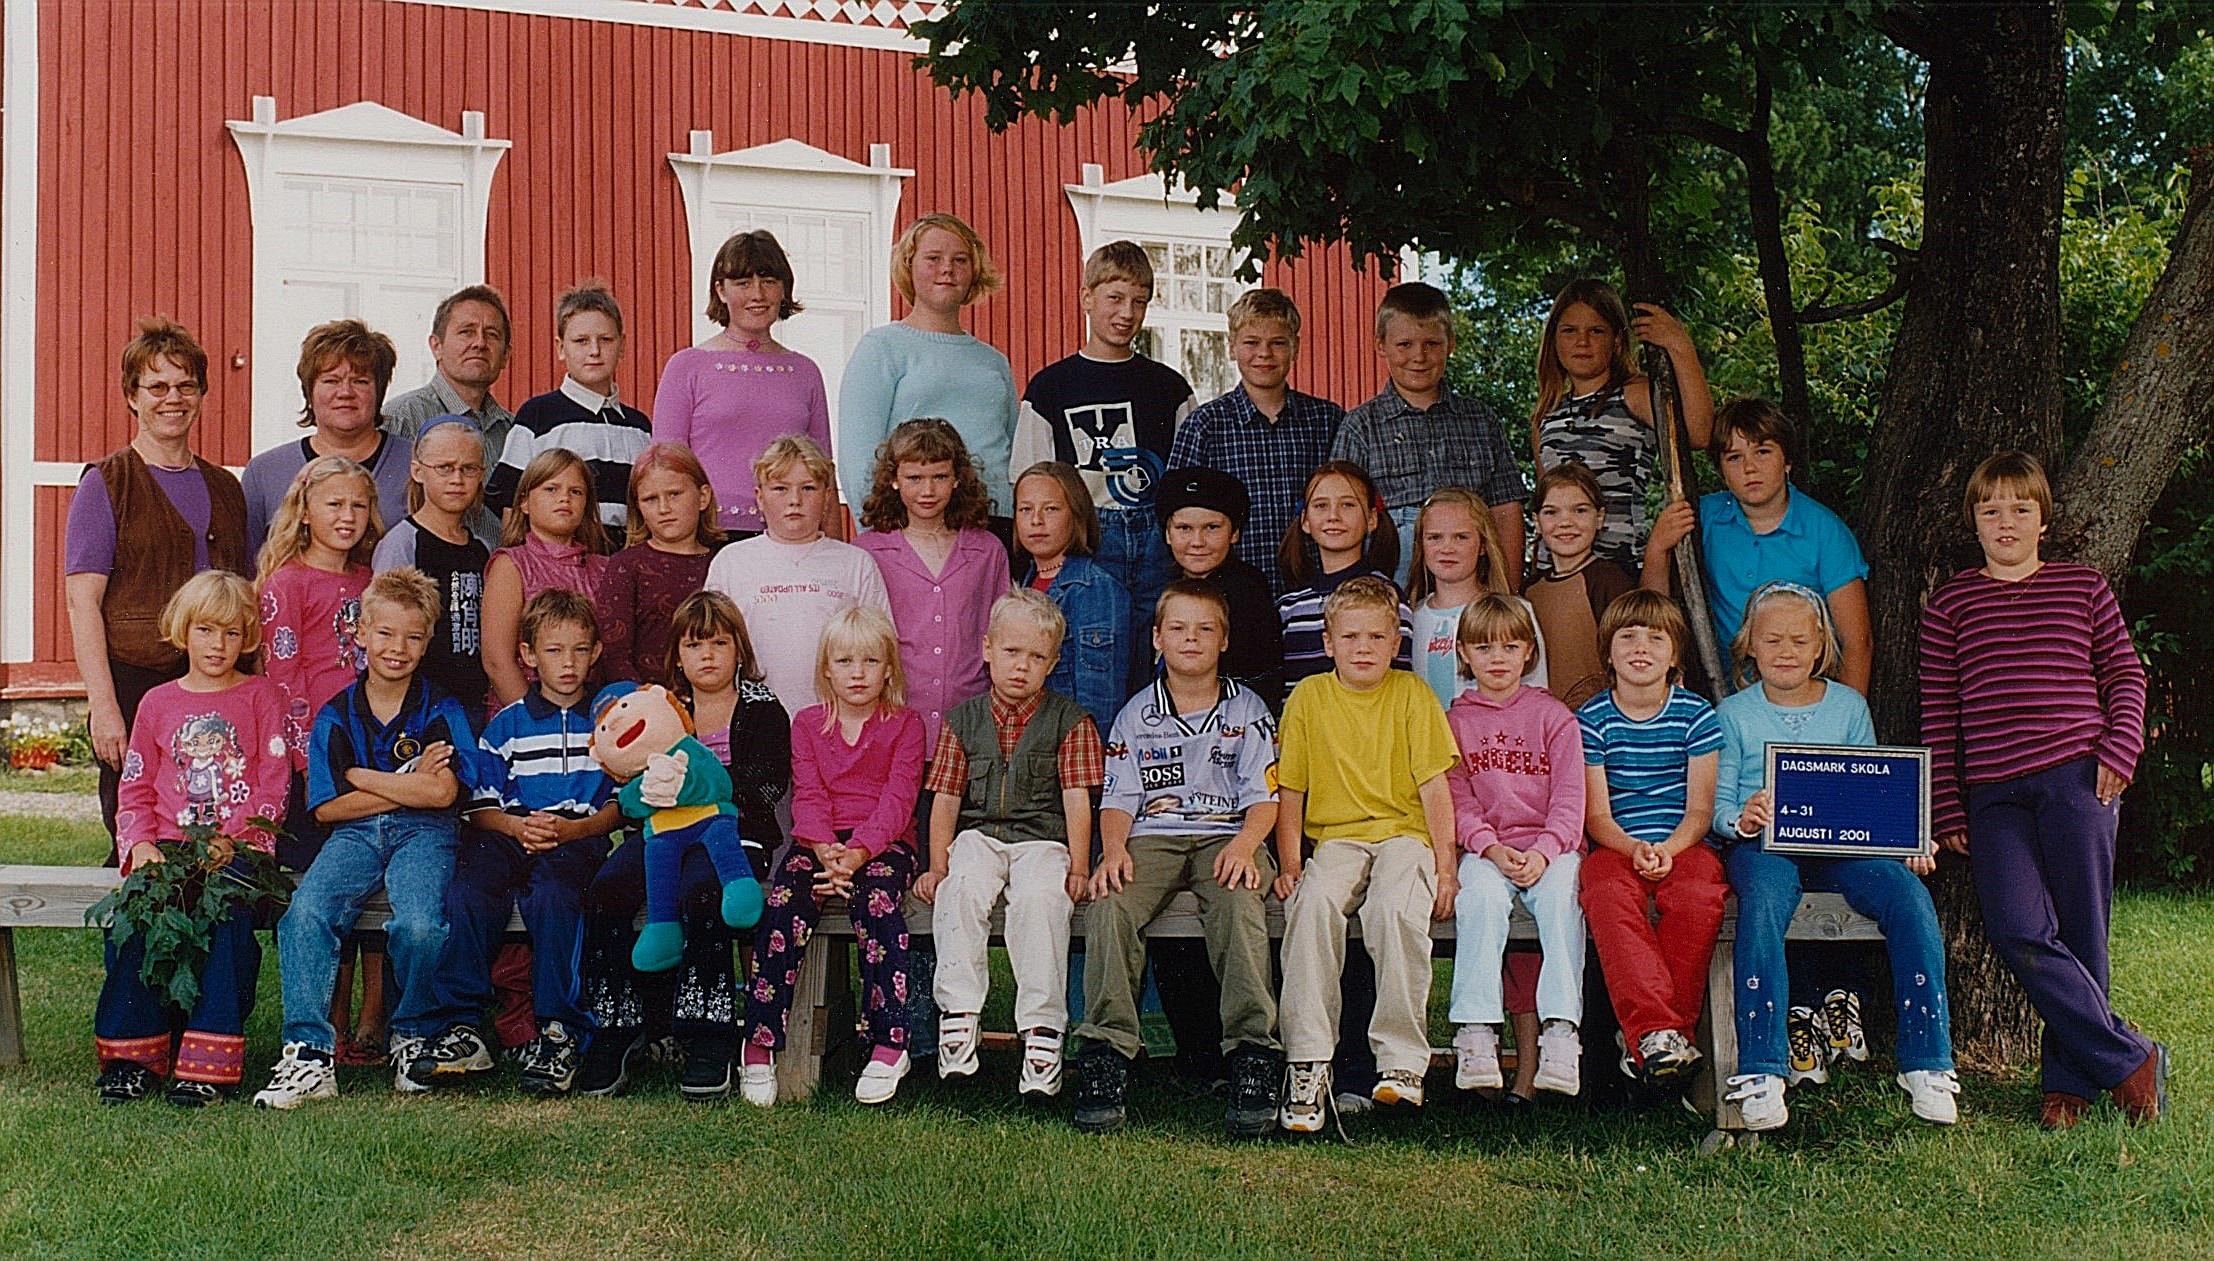 År 2001, Dagsmark skola.